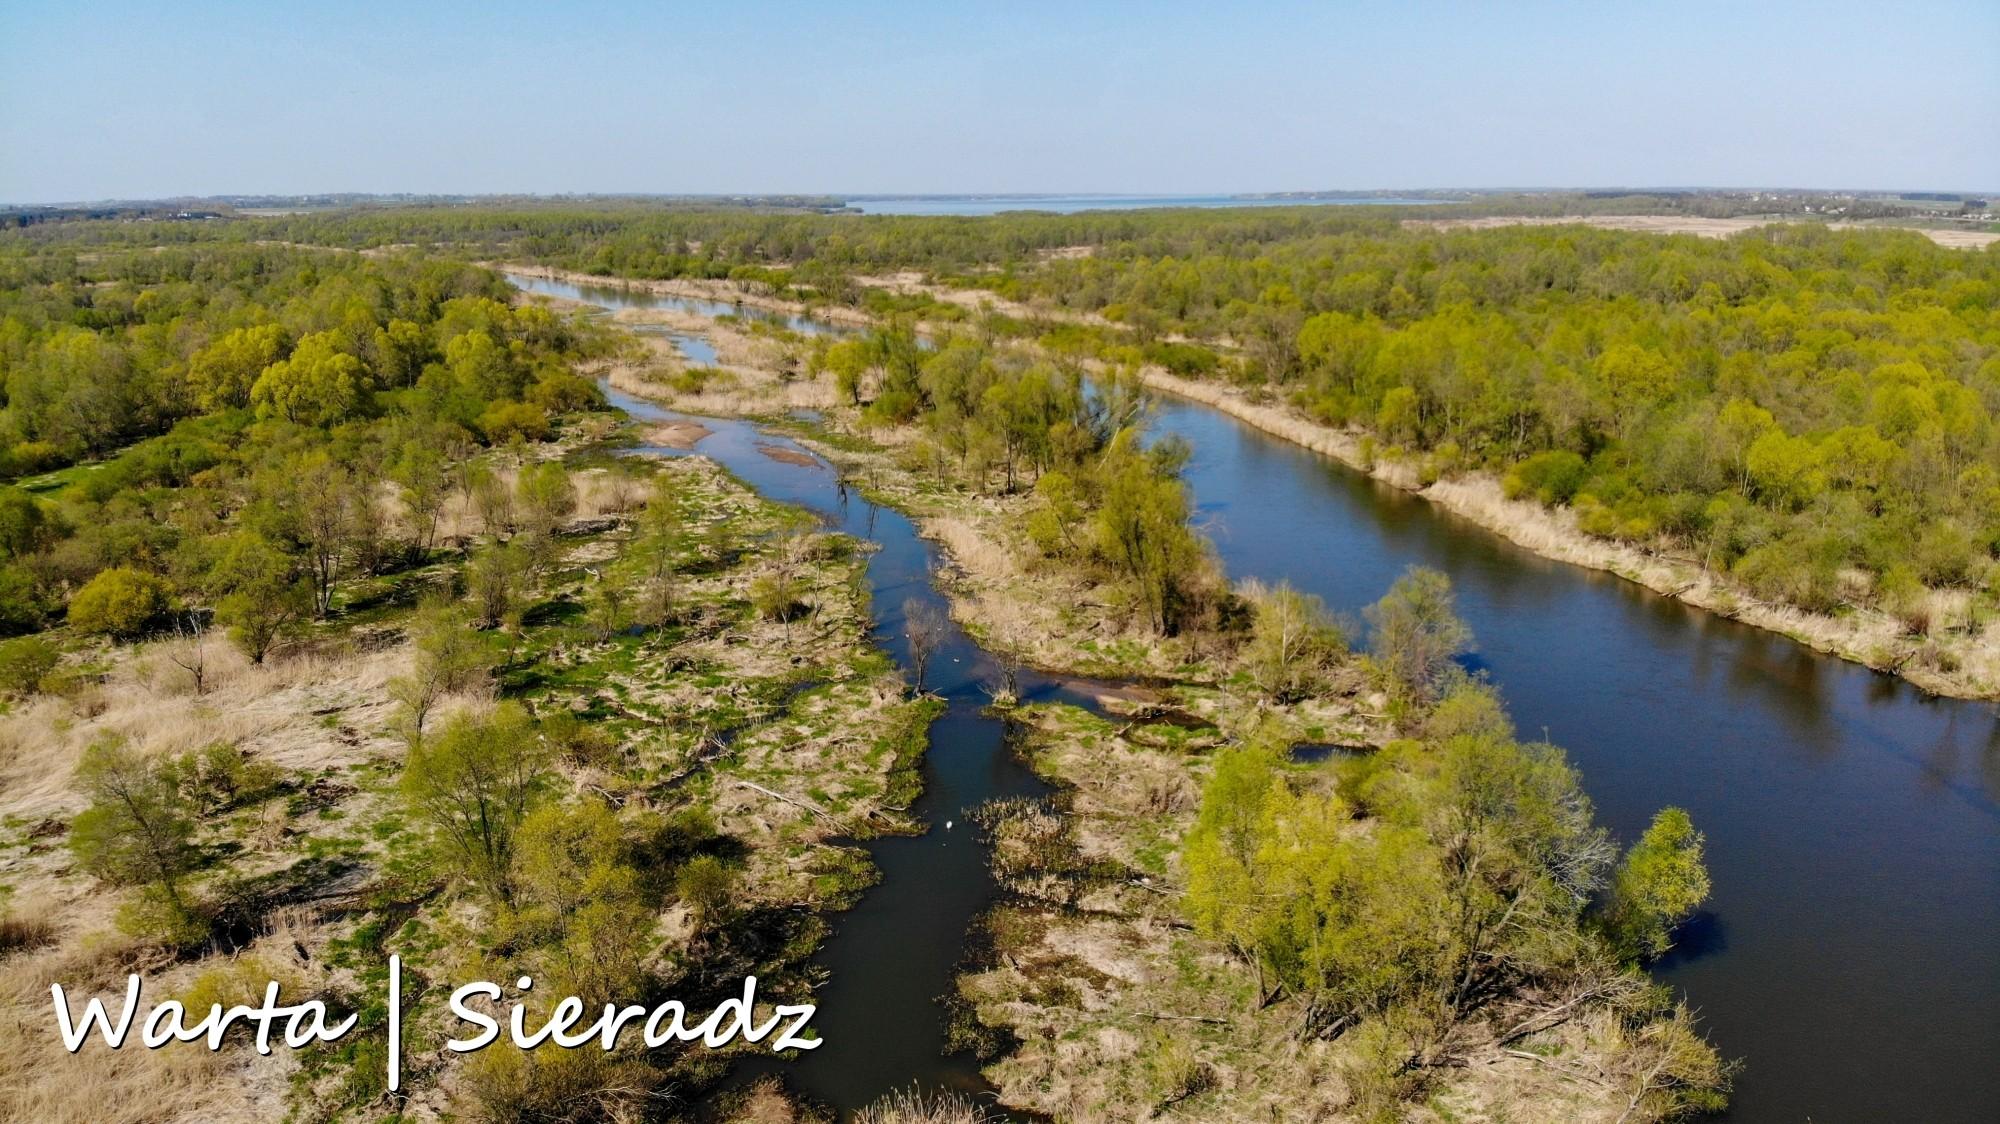 Najbardziej malownicze polskie rzeki widziane z lotu ptaka. Zobacz je na zdjęciach lub filmie w jakości 4K